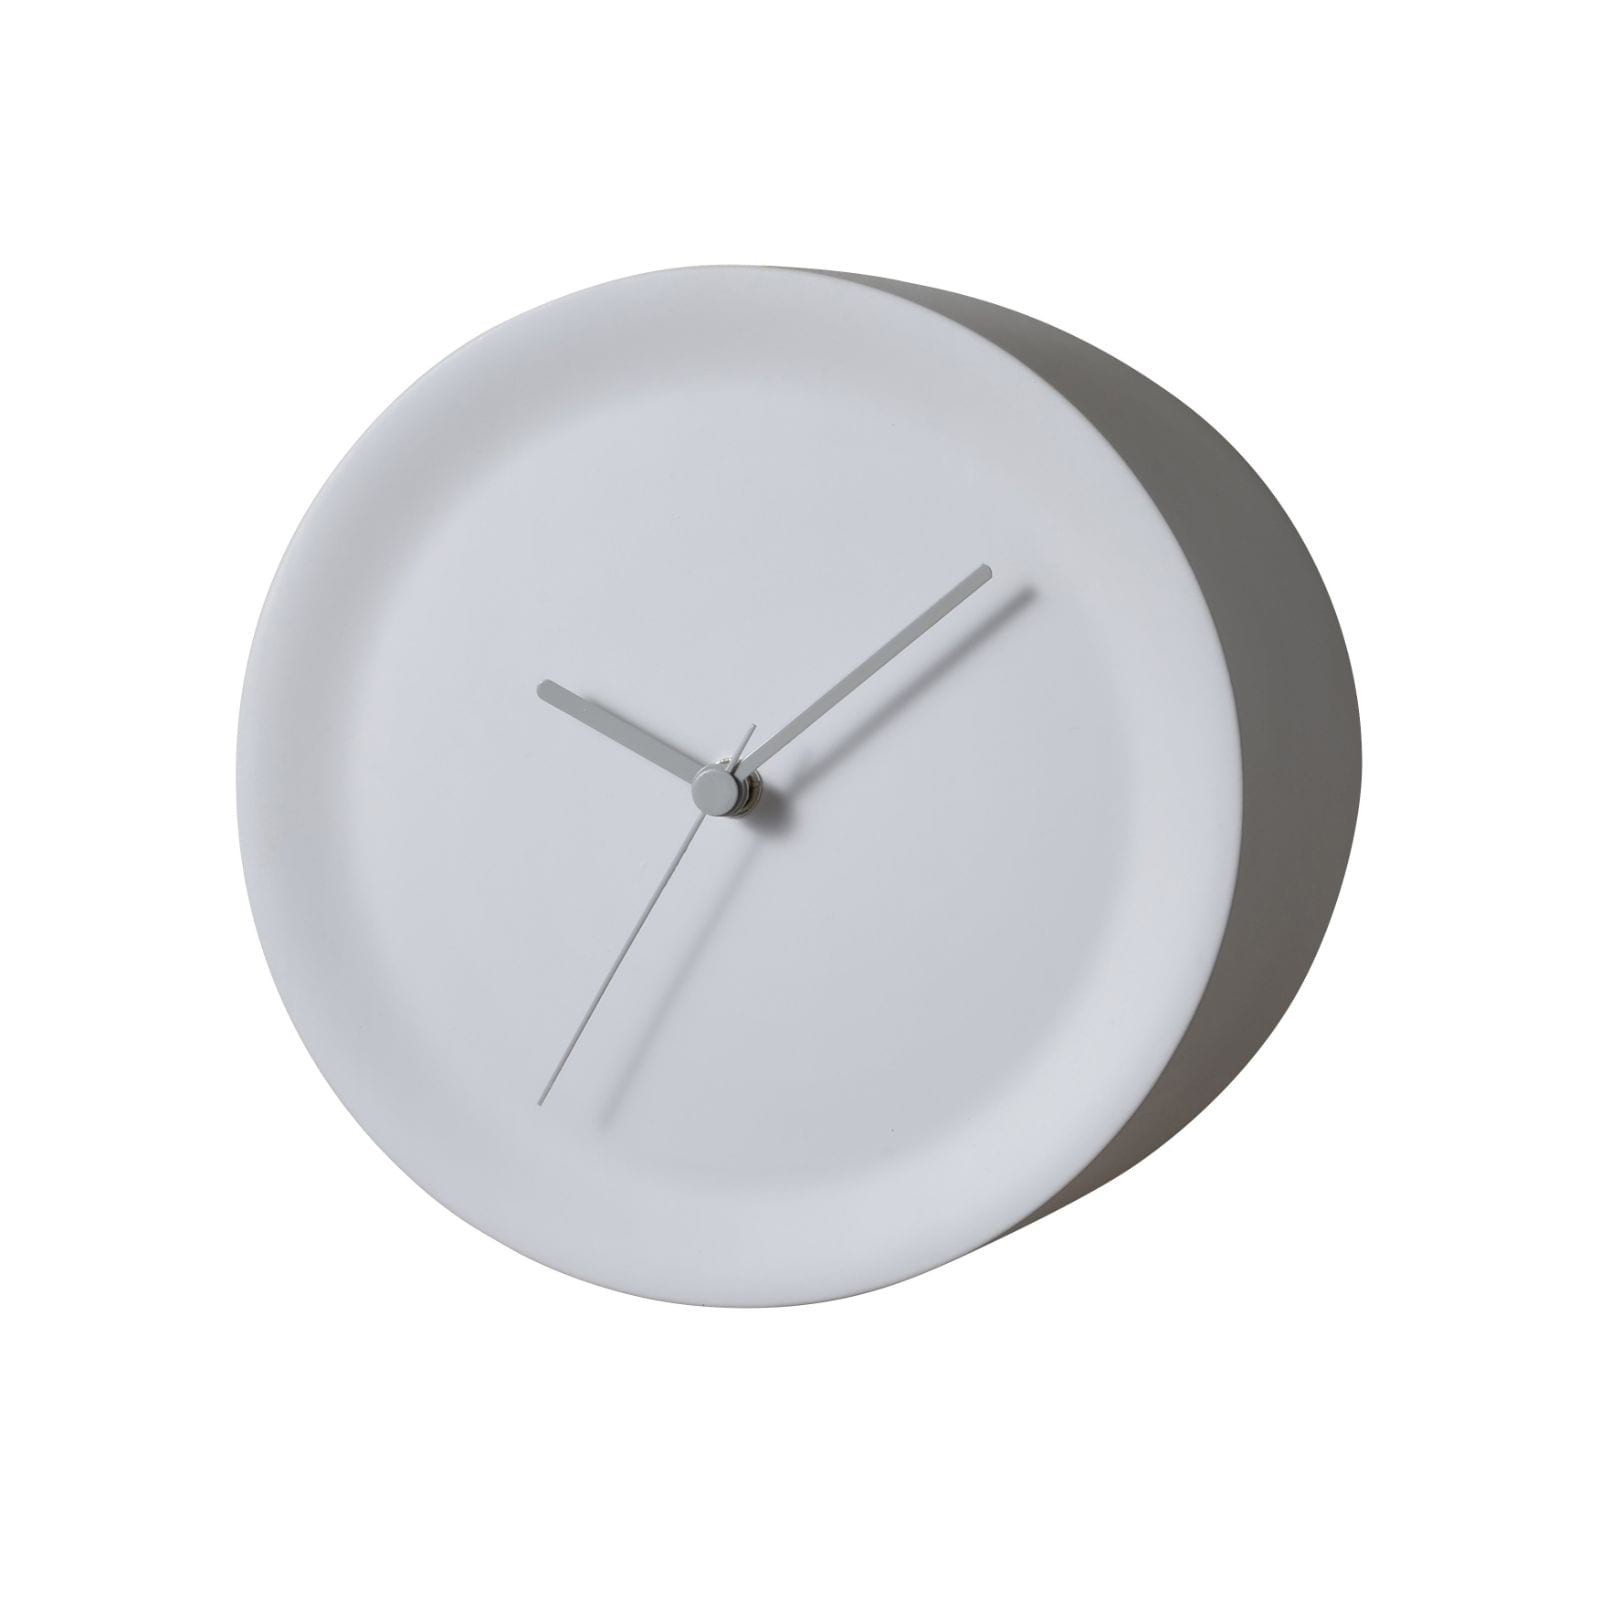 Ρολόι Τοίχου για Γωνία Ora Out (Λευκό) - Alessi